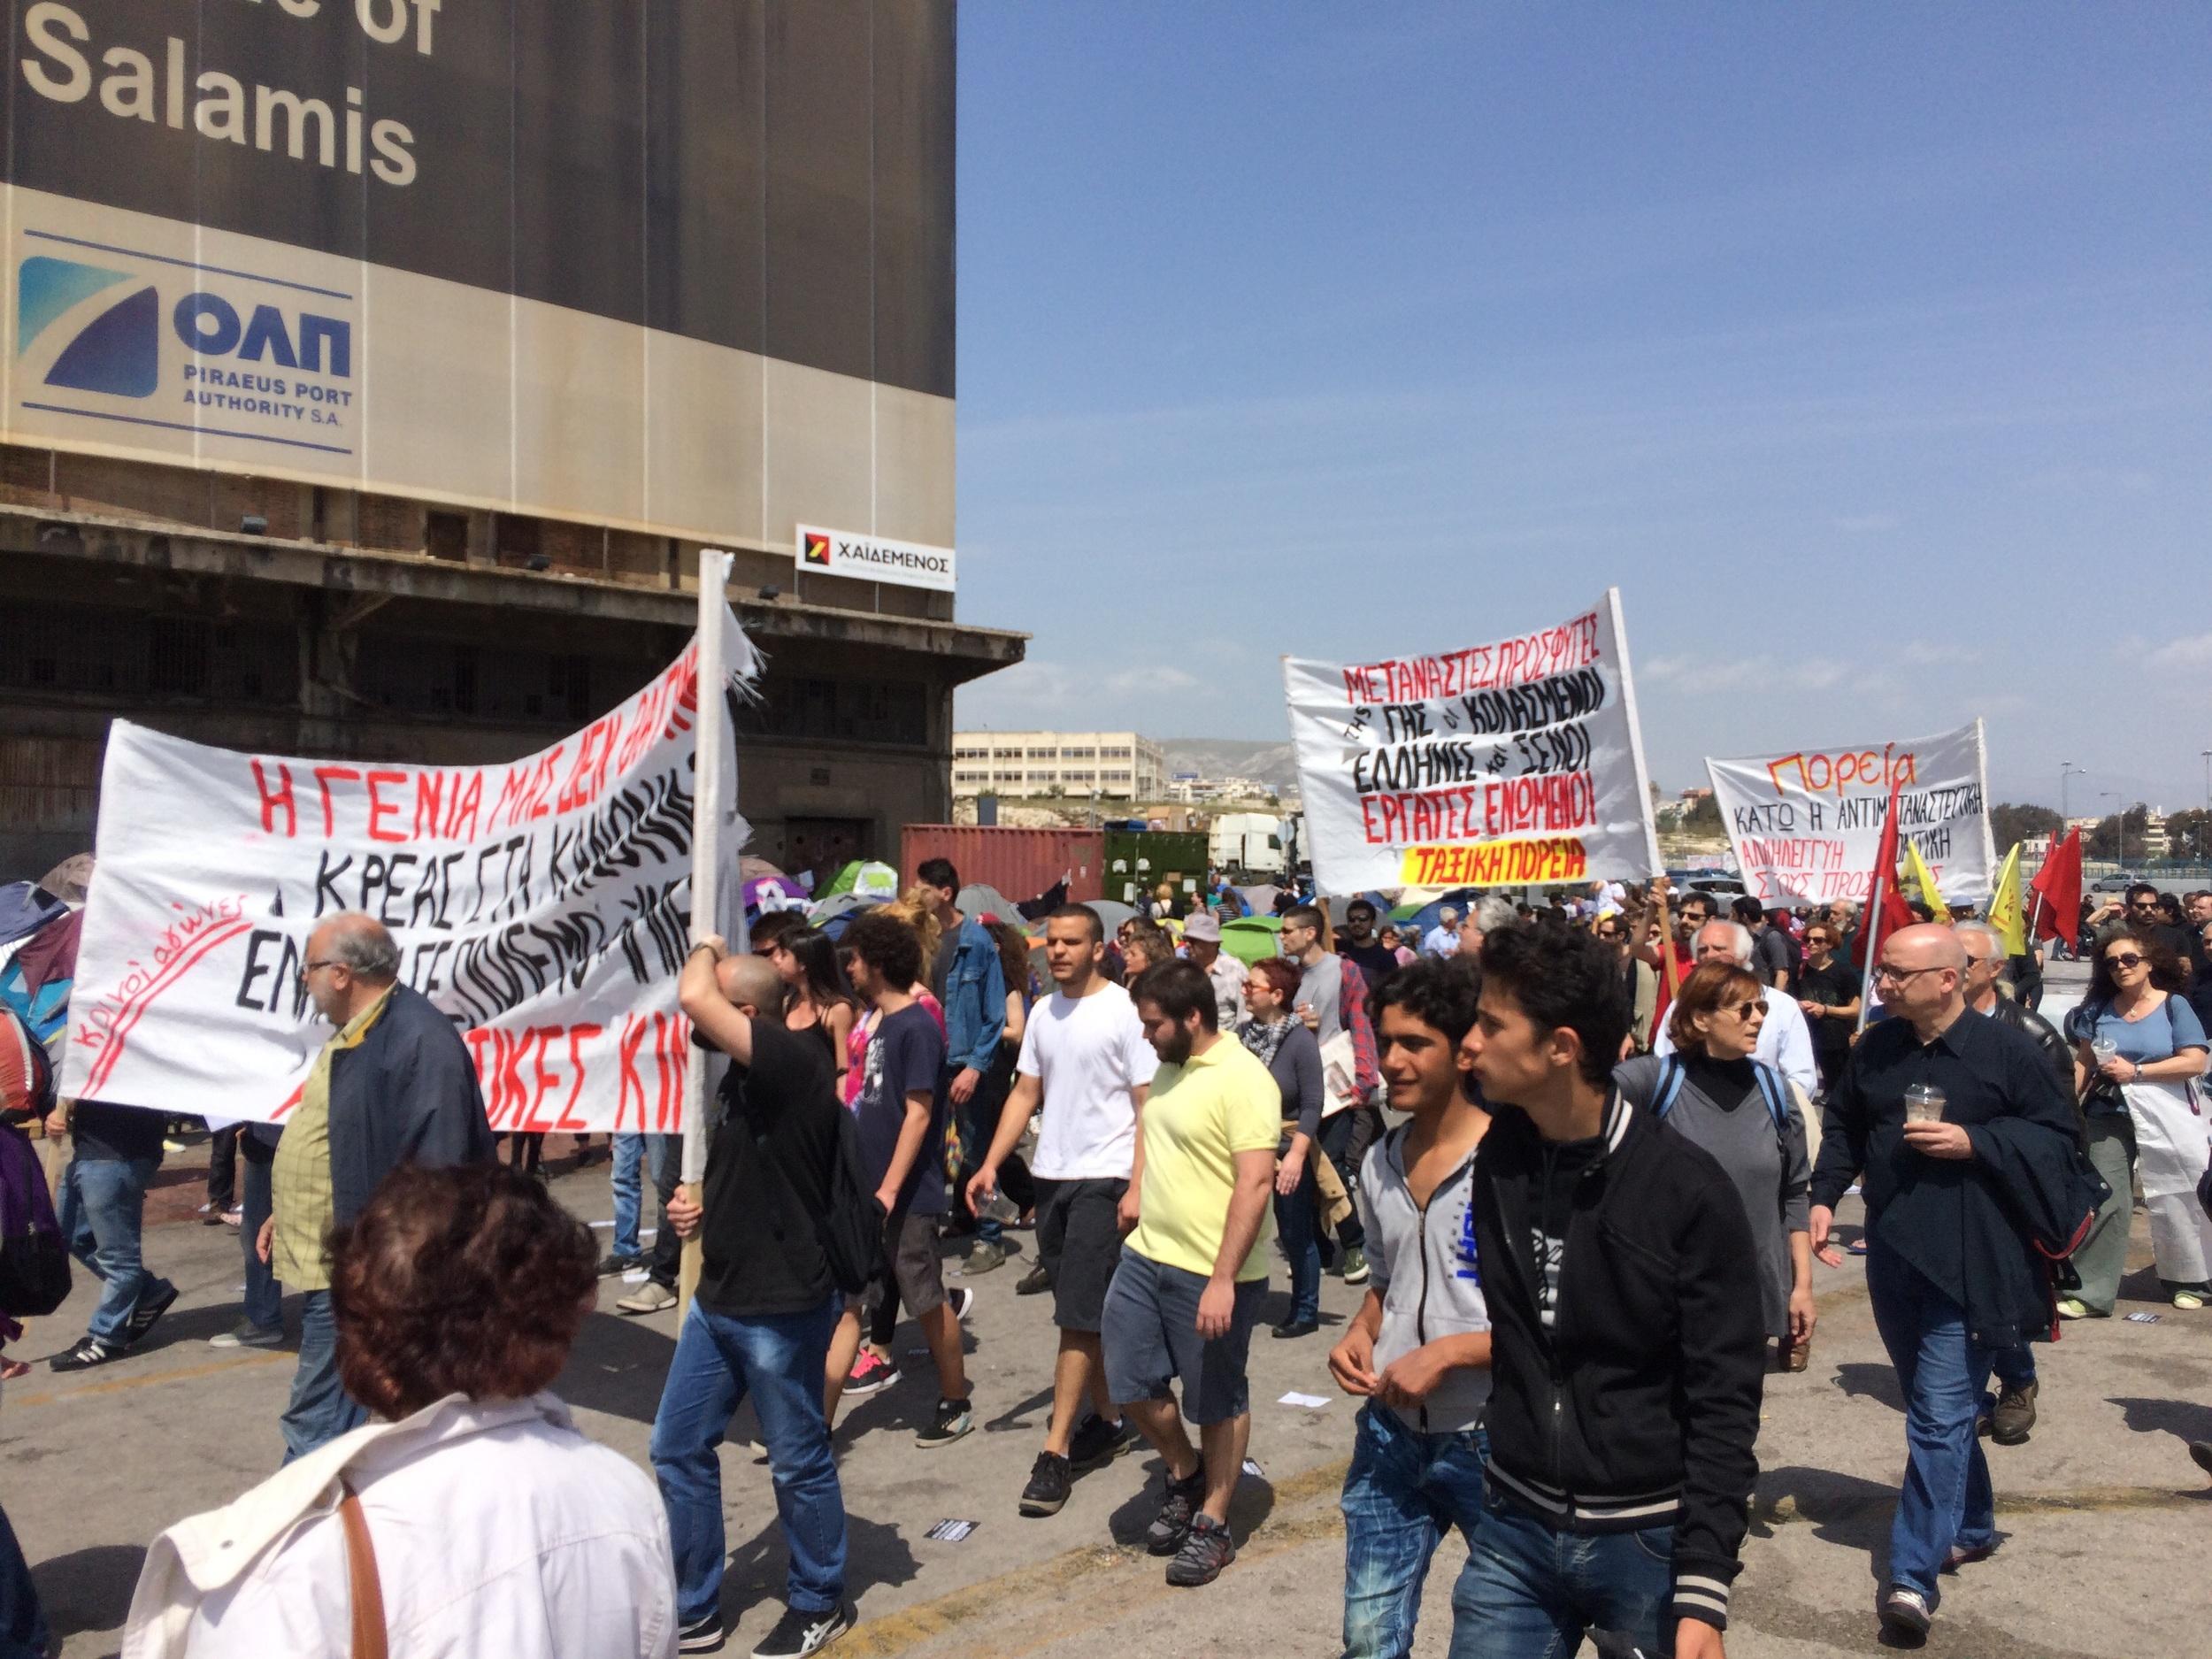 Antifa Demonstration in E2